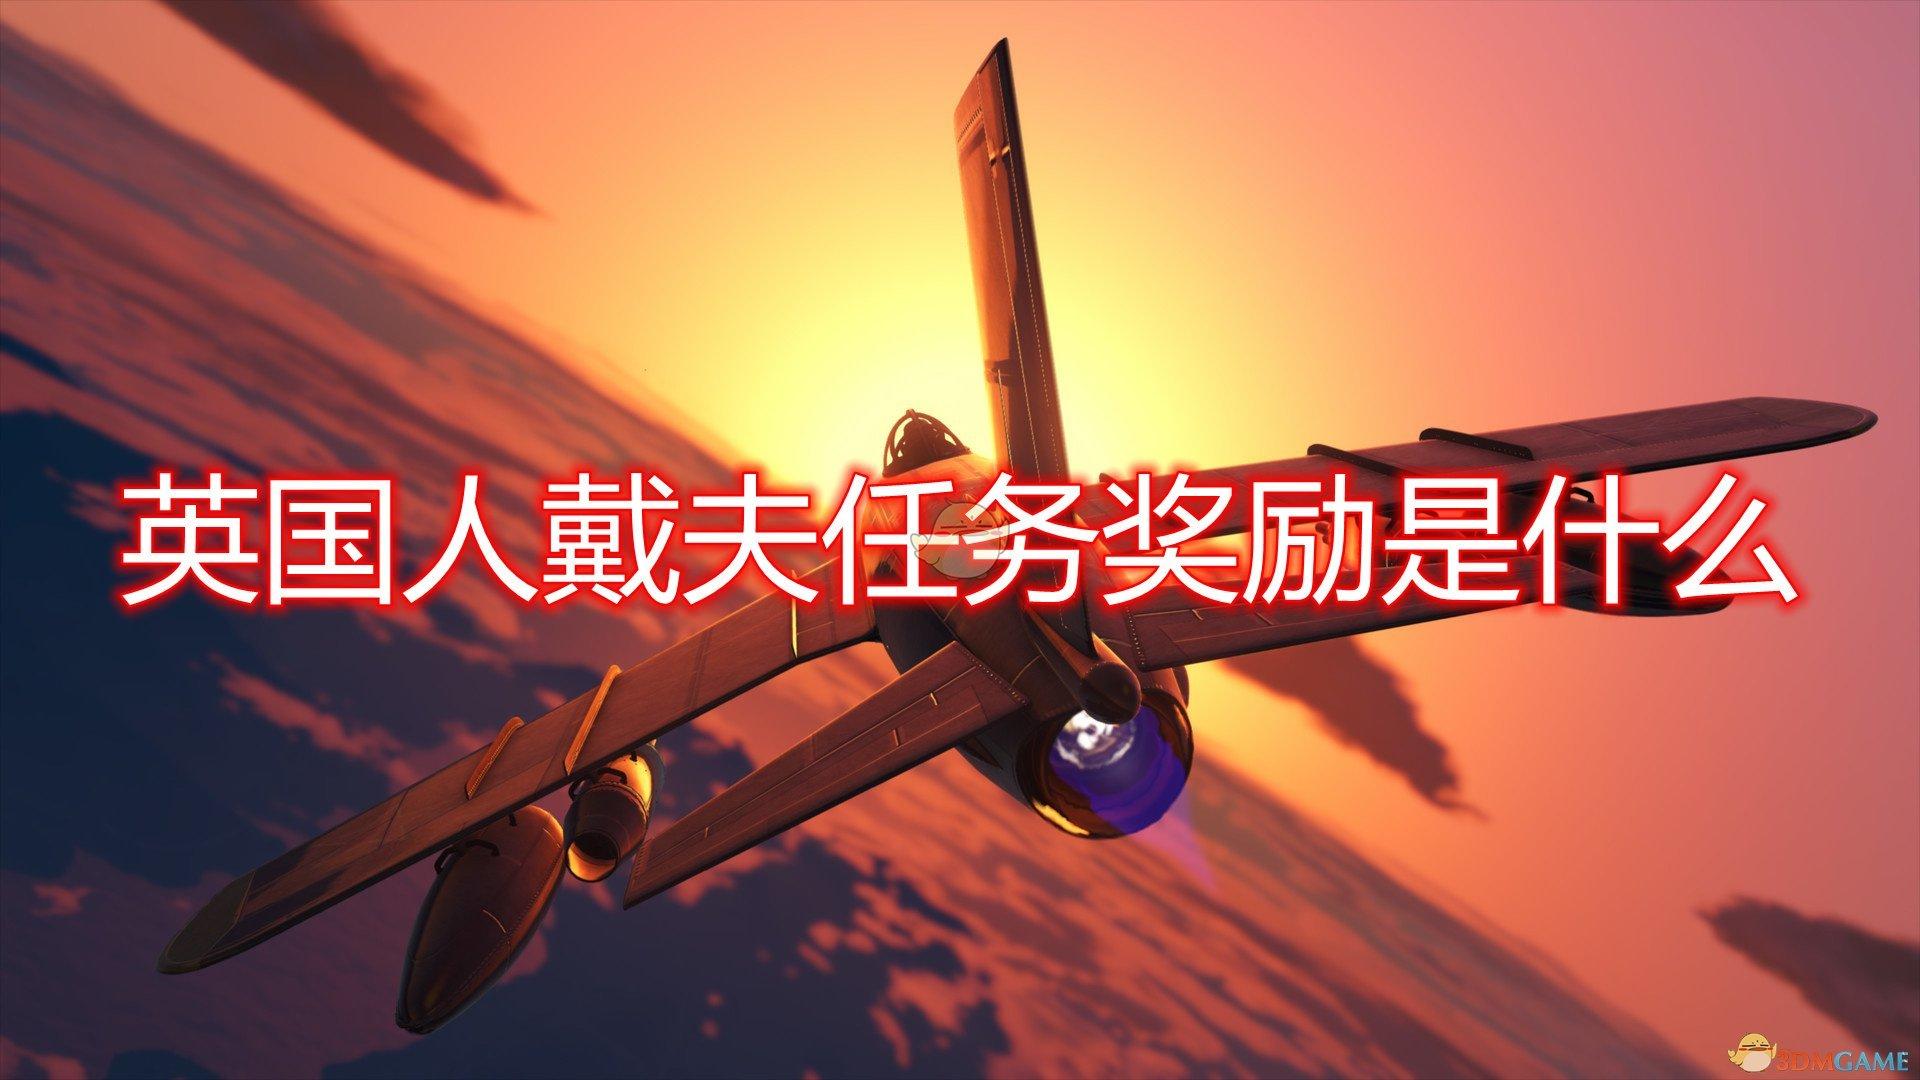 《侠盗猎车5/GTA5》英国人戴夫任务奖励介绍